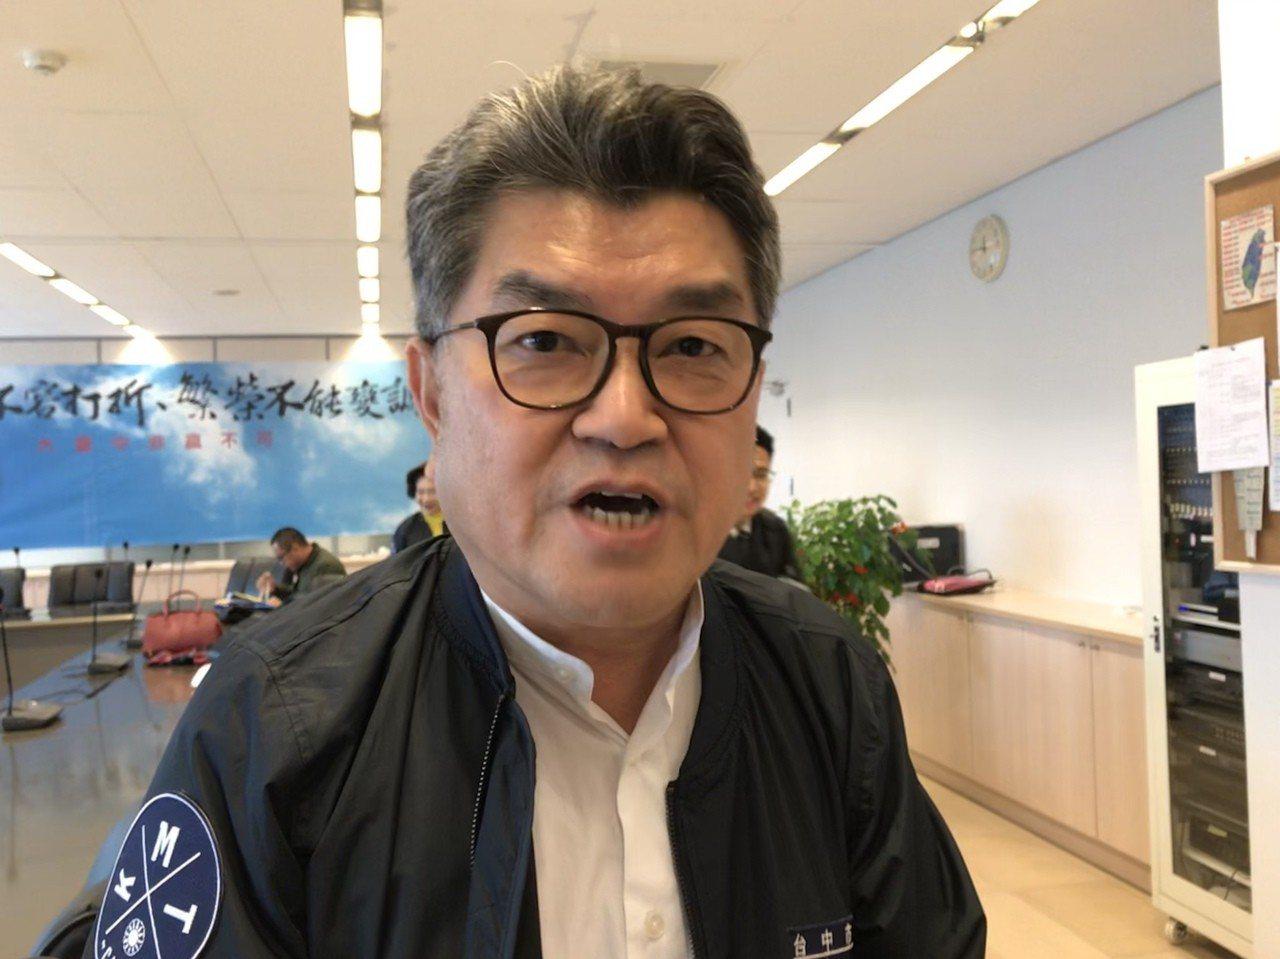 台中市長盧秀燕的「空汙、總統交管」發言引起討論,國民黨議員李中說,總統安全要維護...